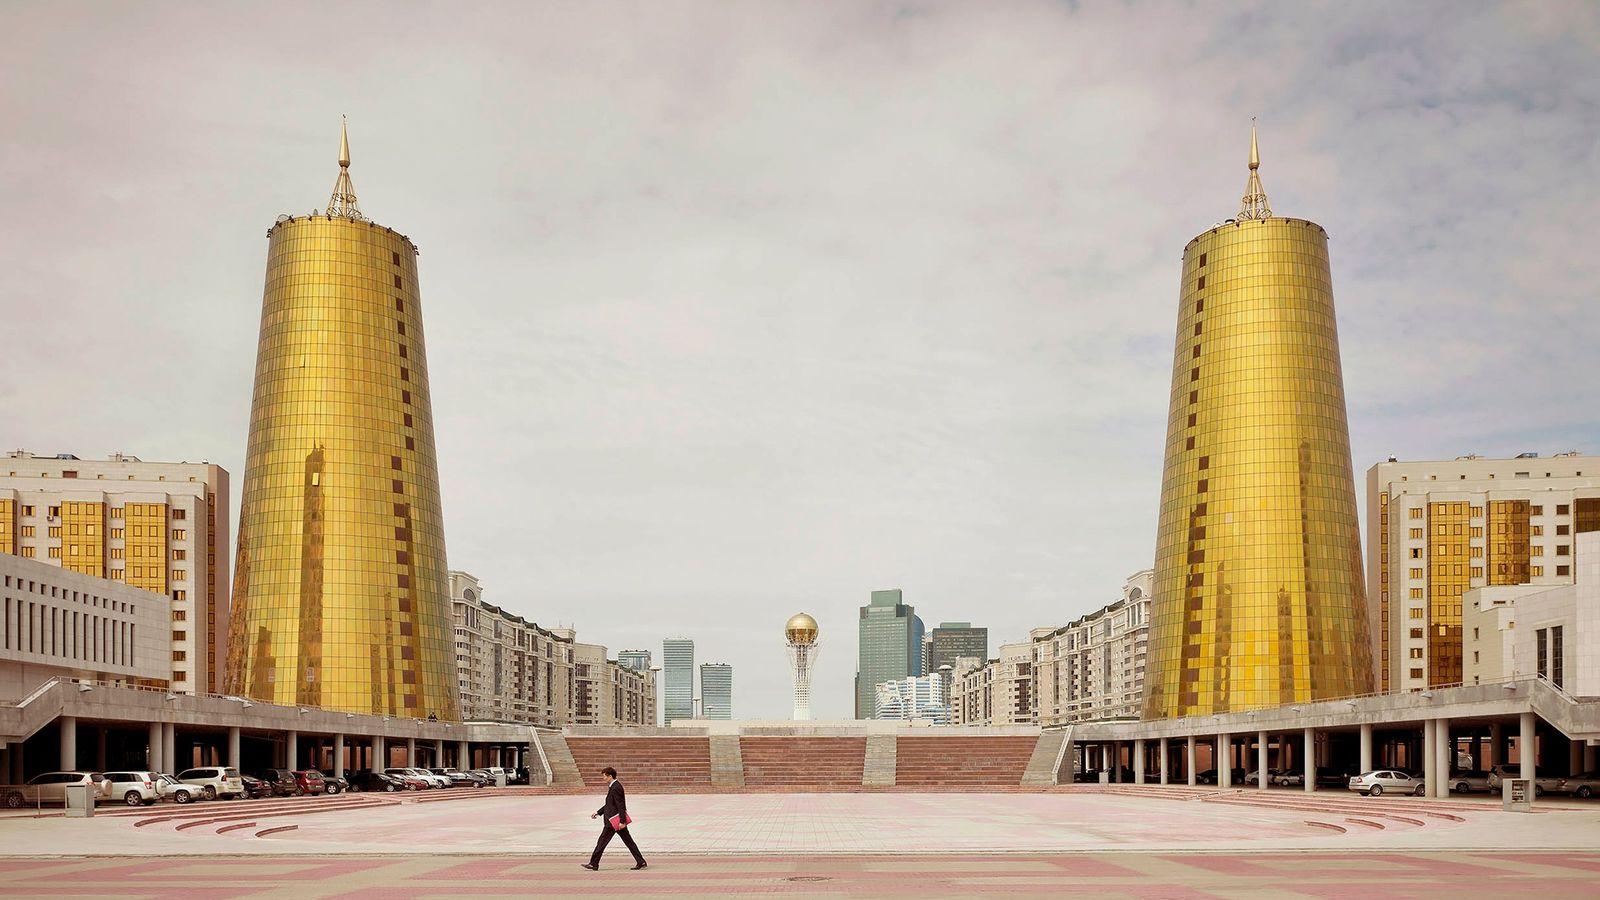 Complexo de ministérios, em Astana, Casaquistão